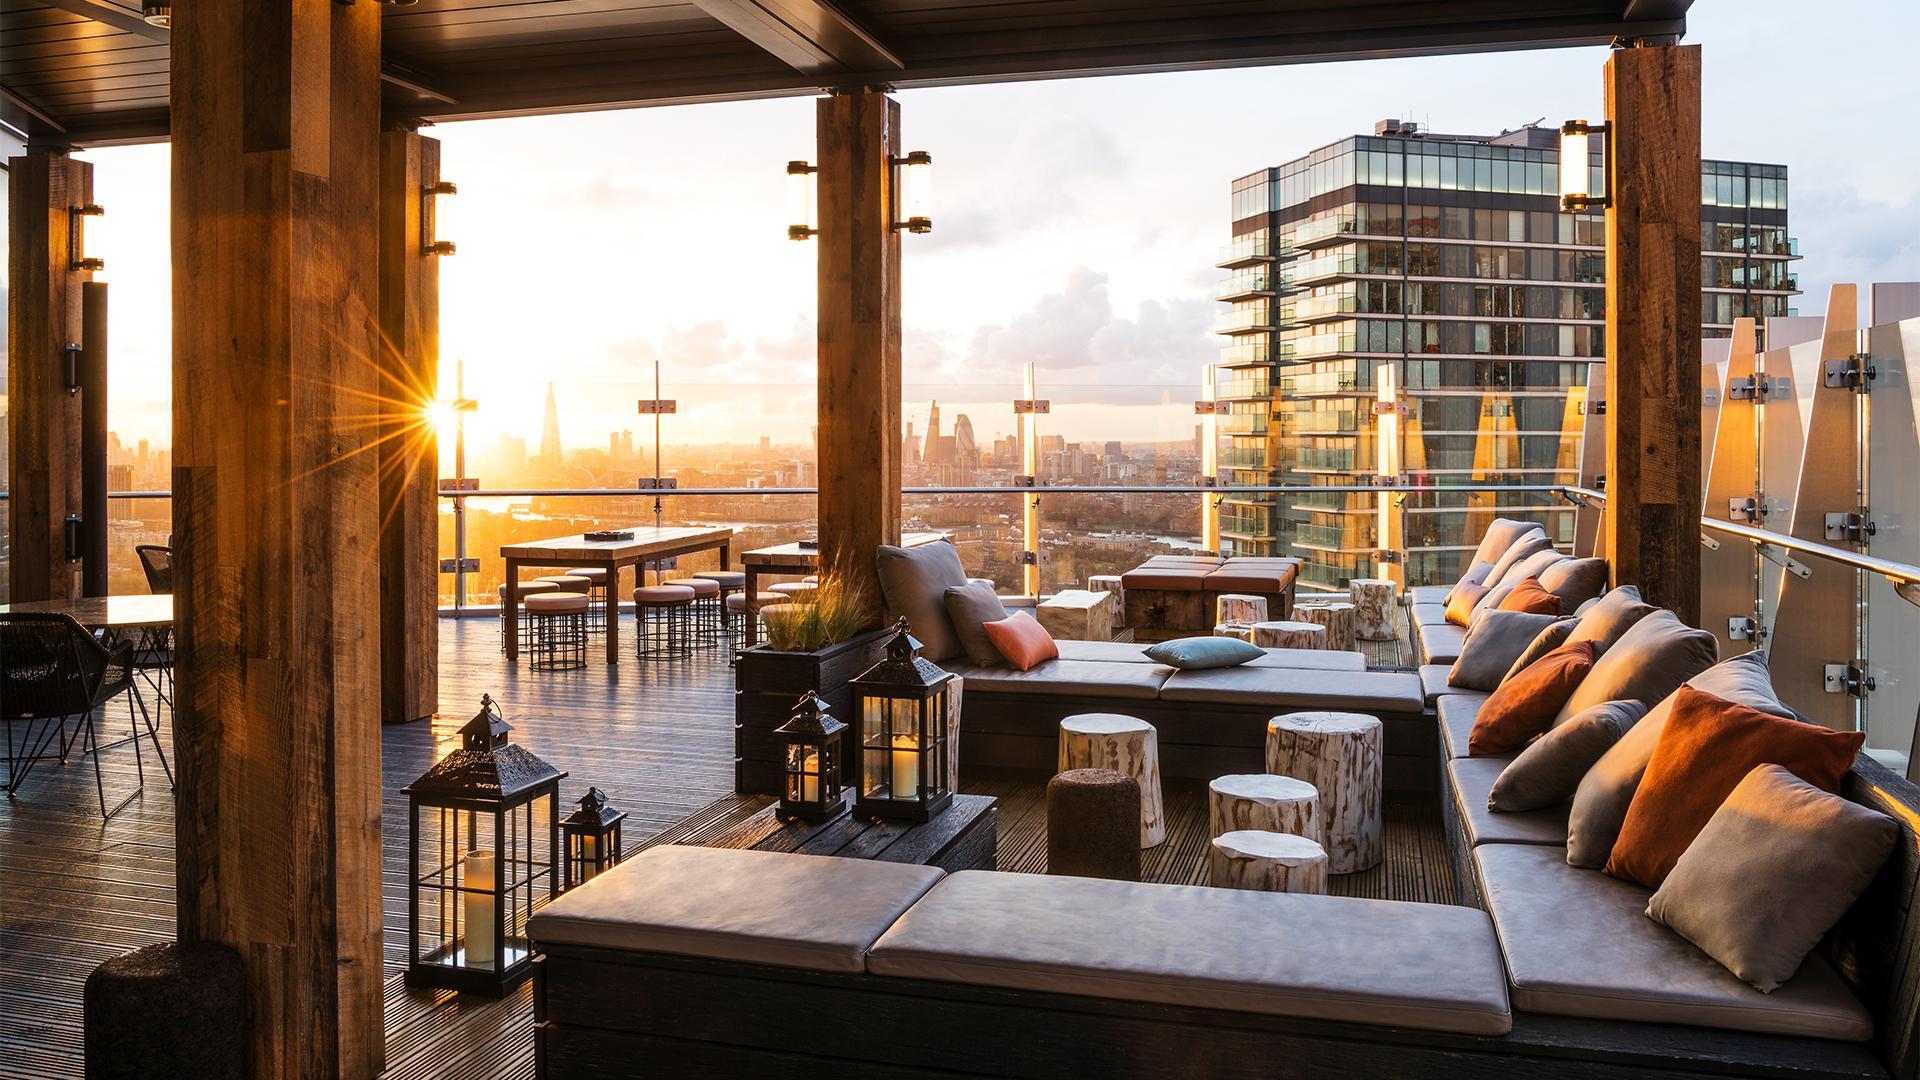 Bōkan 39 Rooftop Bar